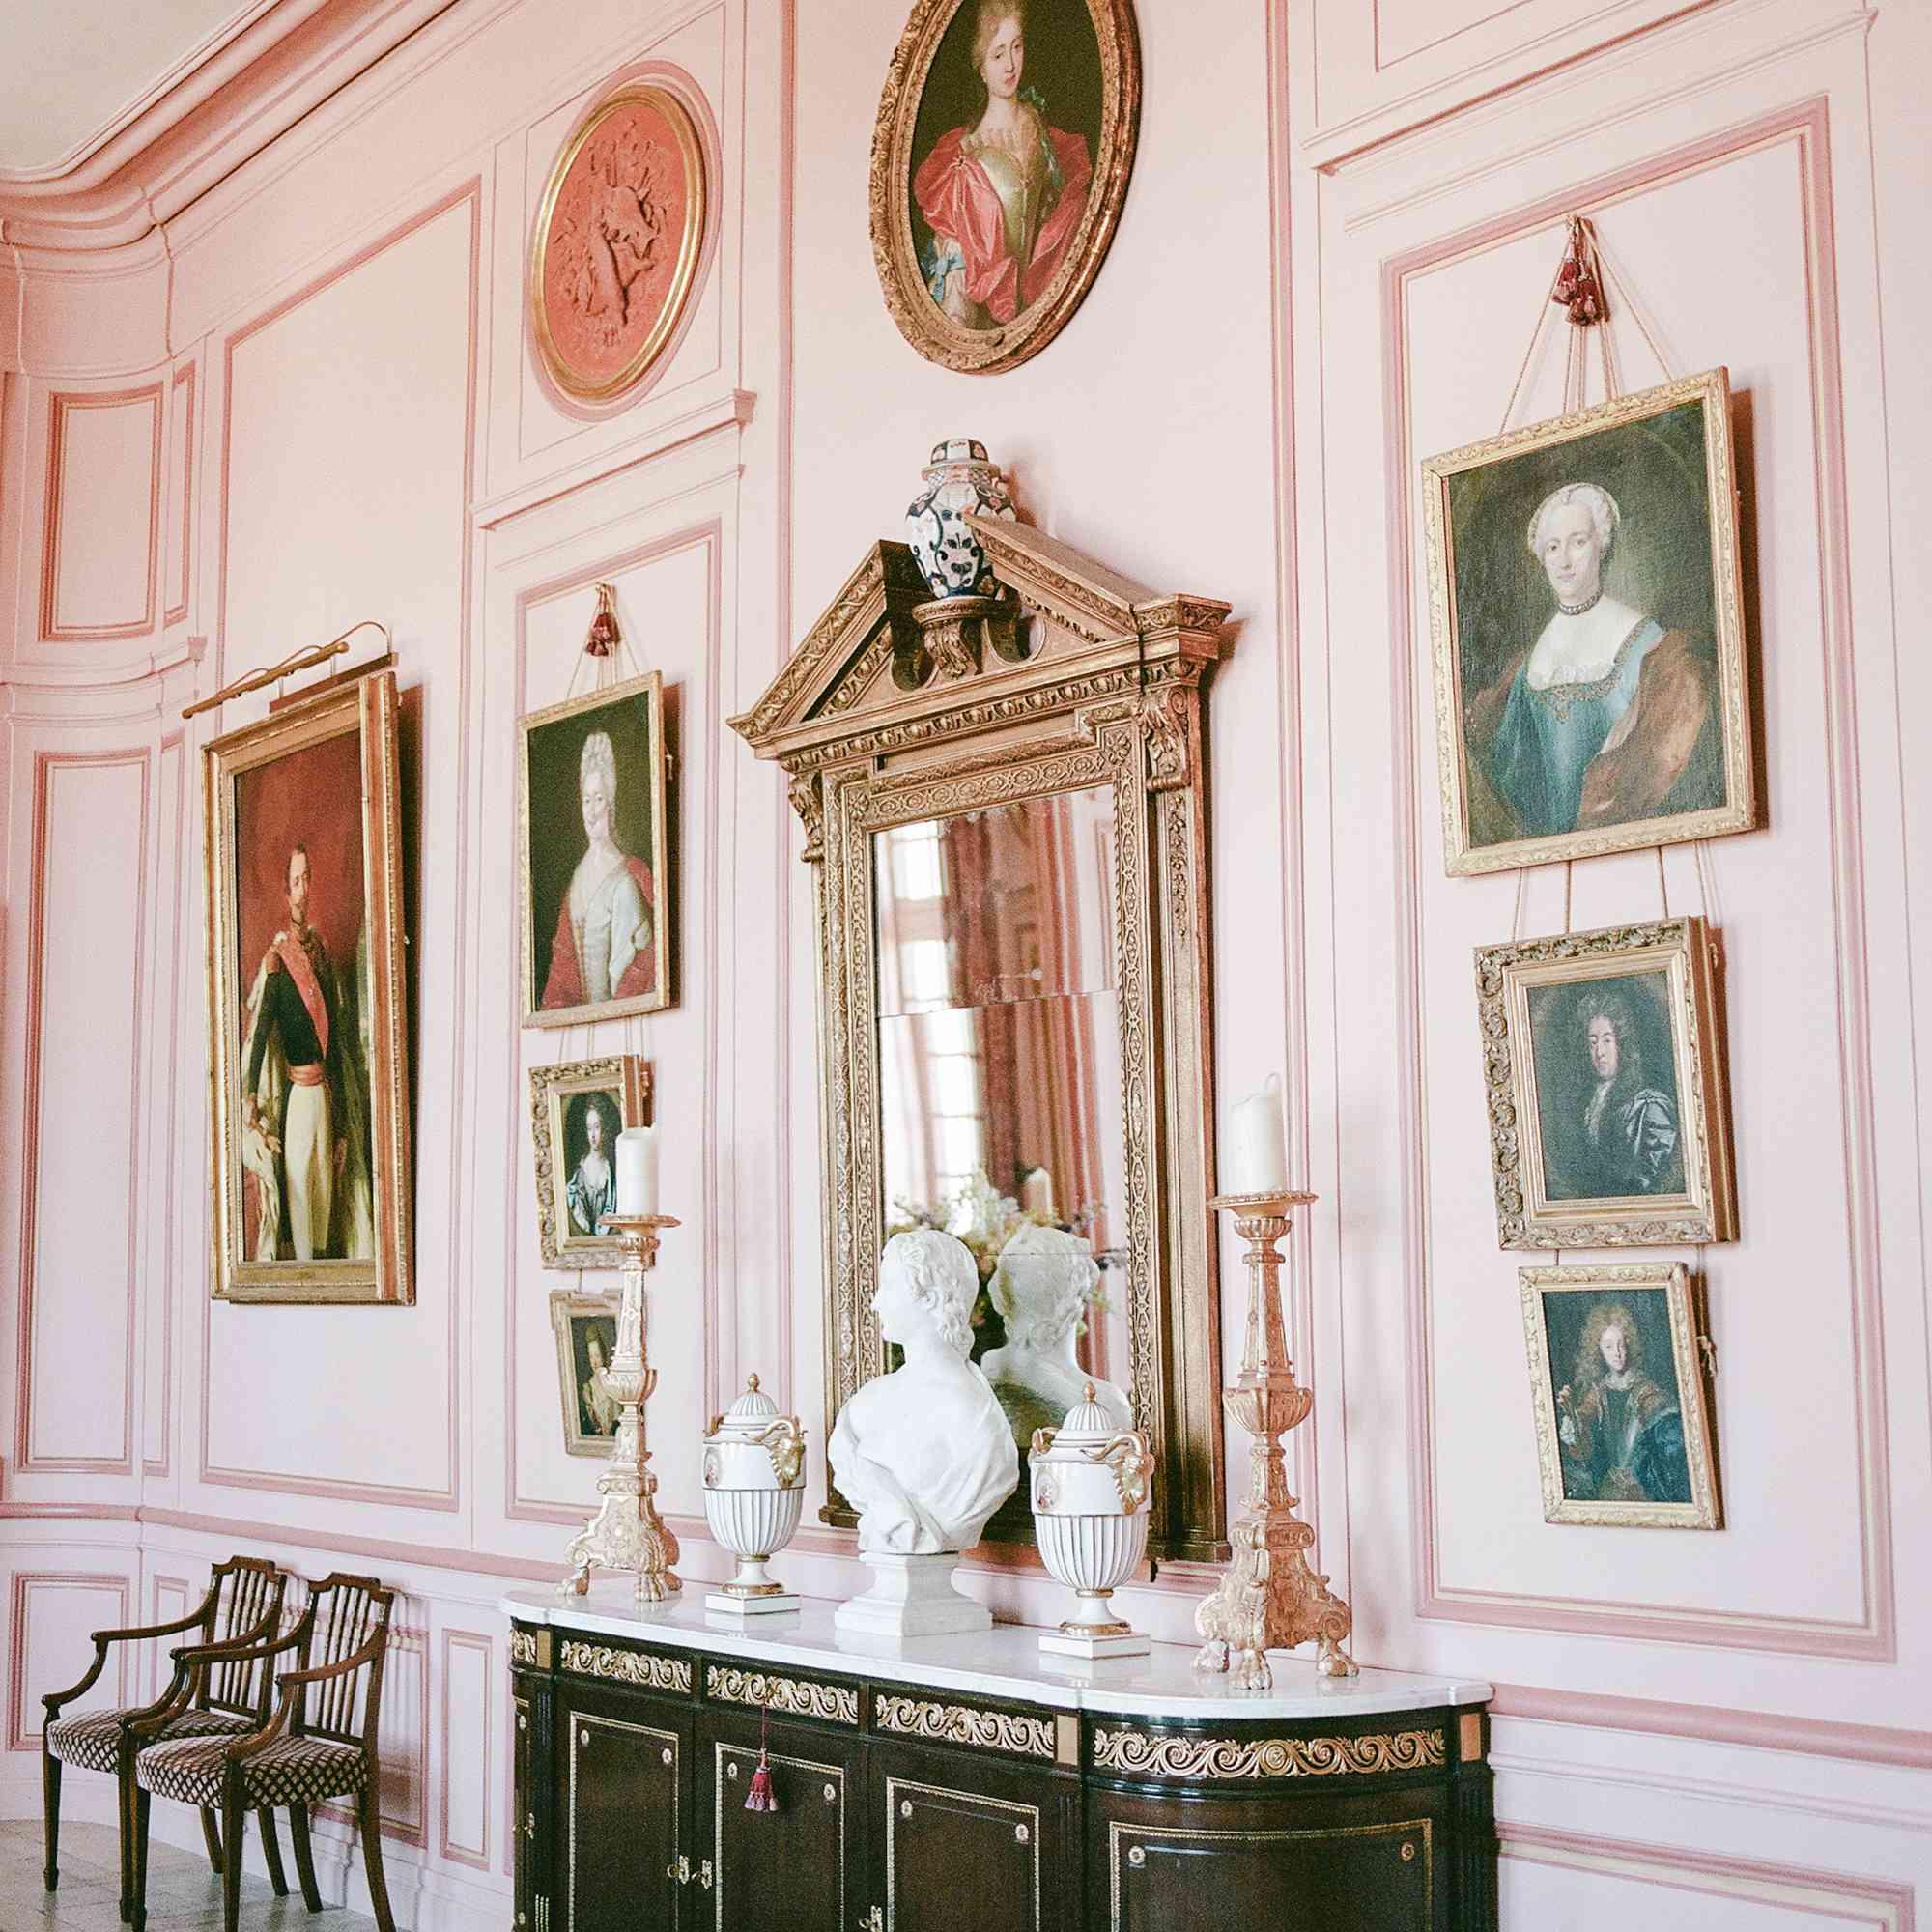 <p>Chateau interior</p><br><br>